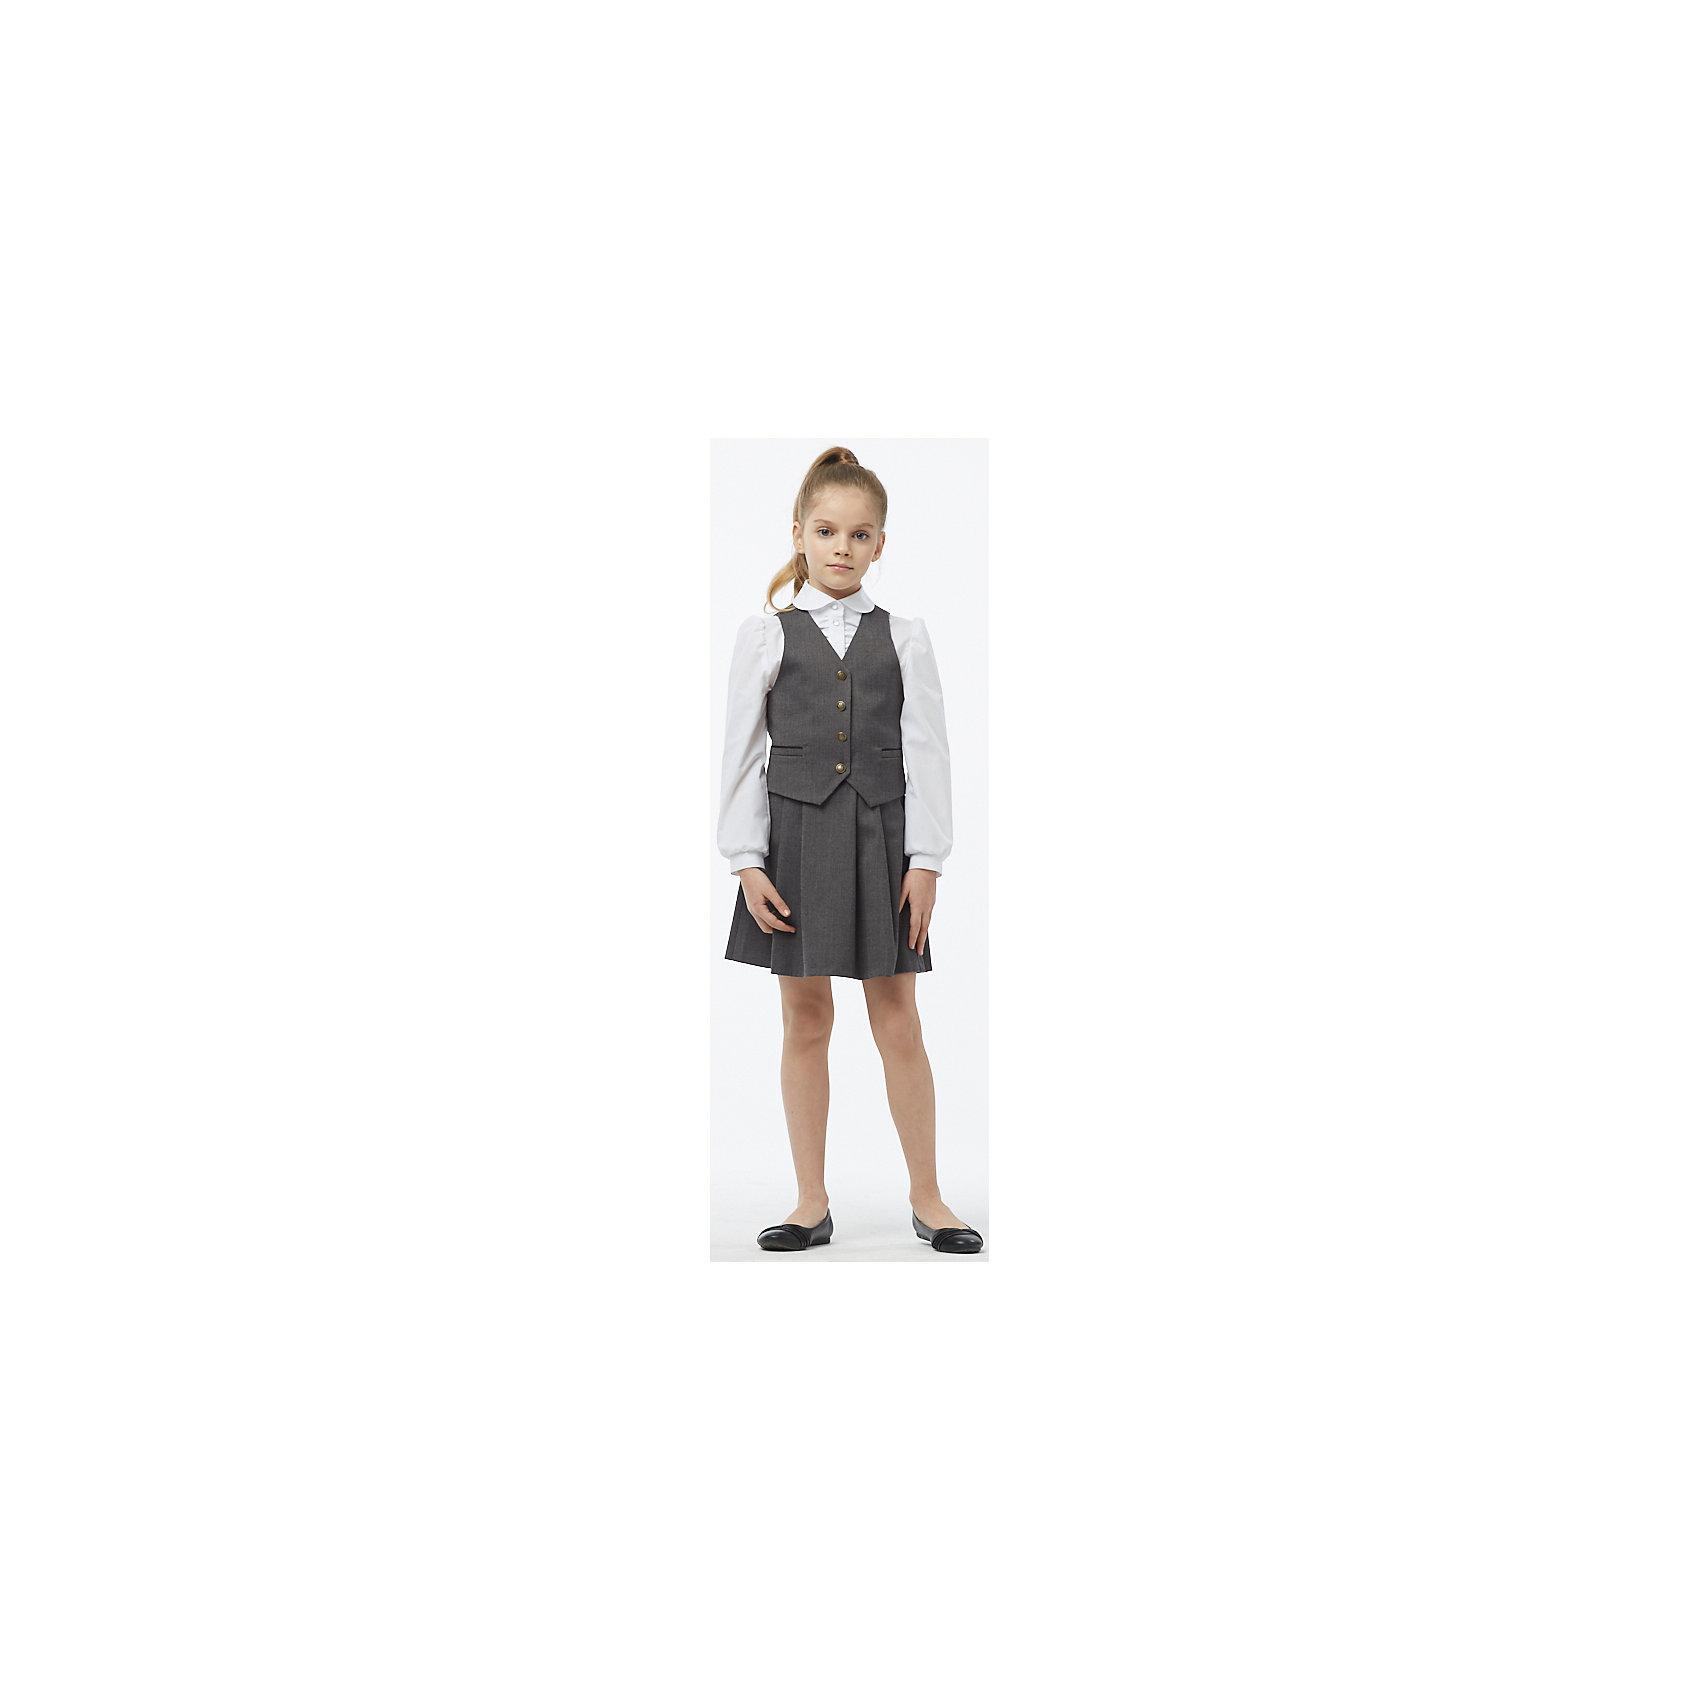 Комплект: жилет и юбка для девочки СменаПиджаки и костюмы<br>Состав:<br>17% Шерсть,20% Вискоза,61% Полиэстер,2% Спандекс.  Подкладка : 50% Вискоза,50% Полиэстер<br><br>Ширина мм: 207<br>Глубина мм: 10<br>Высота мм: 189<br>Вес г: 183<br>Цвет: серый<br>Возраст от месяцев: 108<br>Возраст до месяцев: 120<br>Пол: Женский<br>Возраст: Детский<br>Размер: 140,134,146,152,158,164,128<br>SKU: 6895398